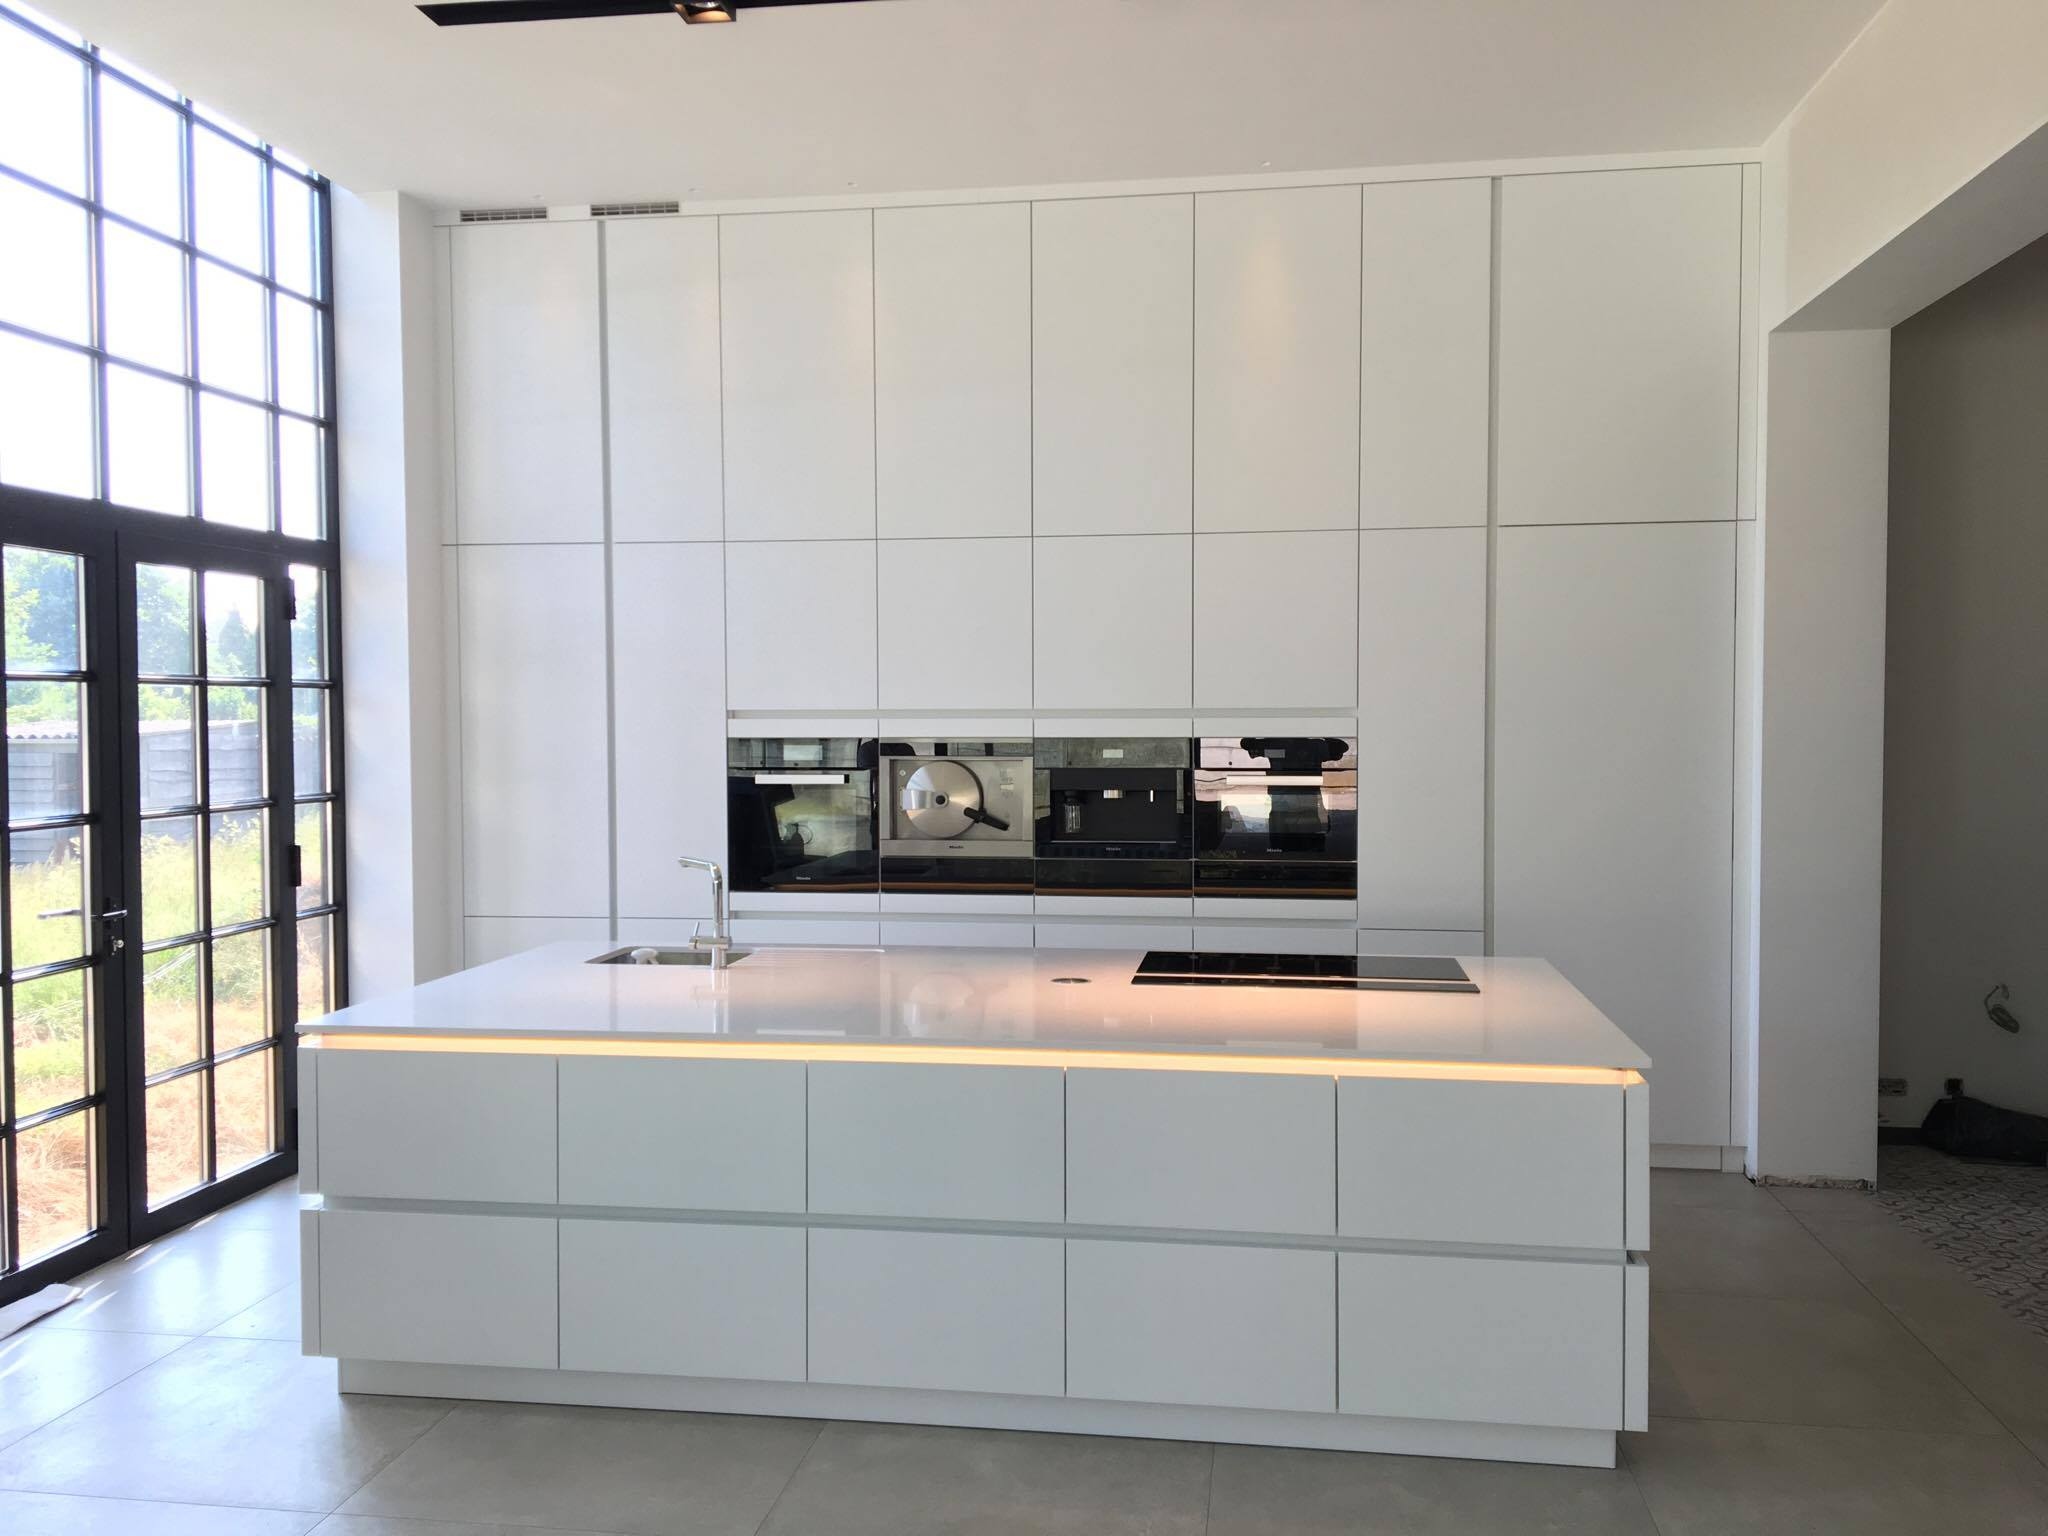 Taes keukens interieur jouw droomkeuken uit tienen for Keuken interieur